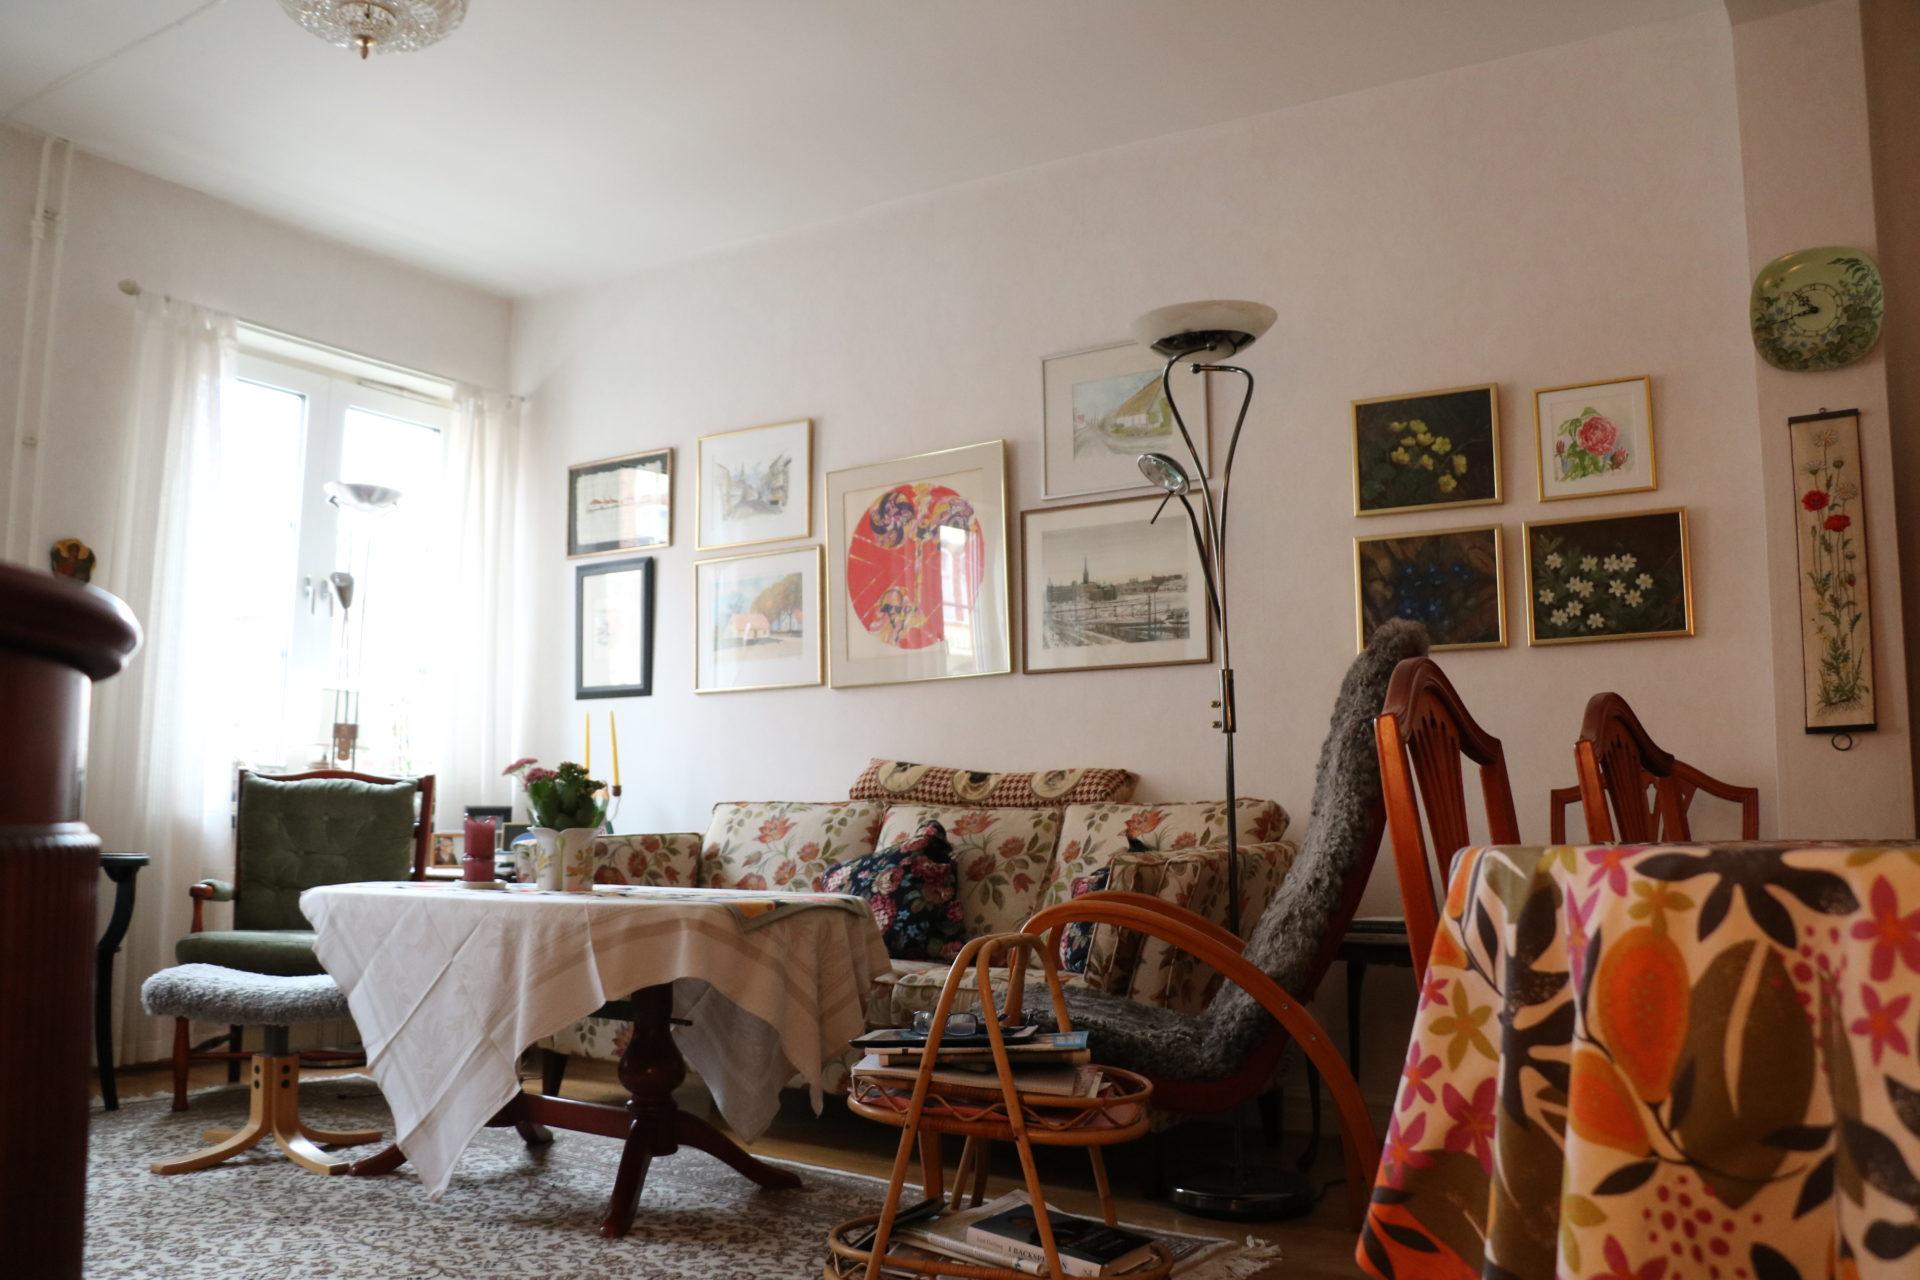 Ingeborgs härligt färgglada stil syns tydlig i lägenheten.